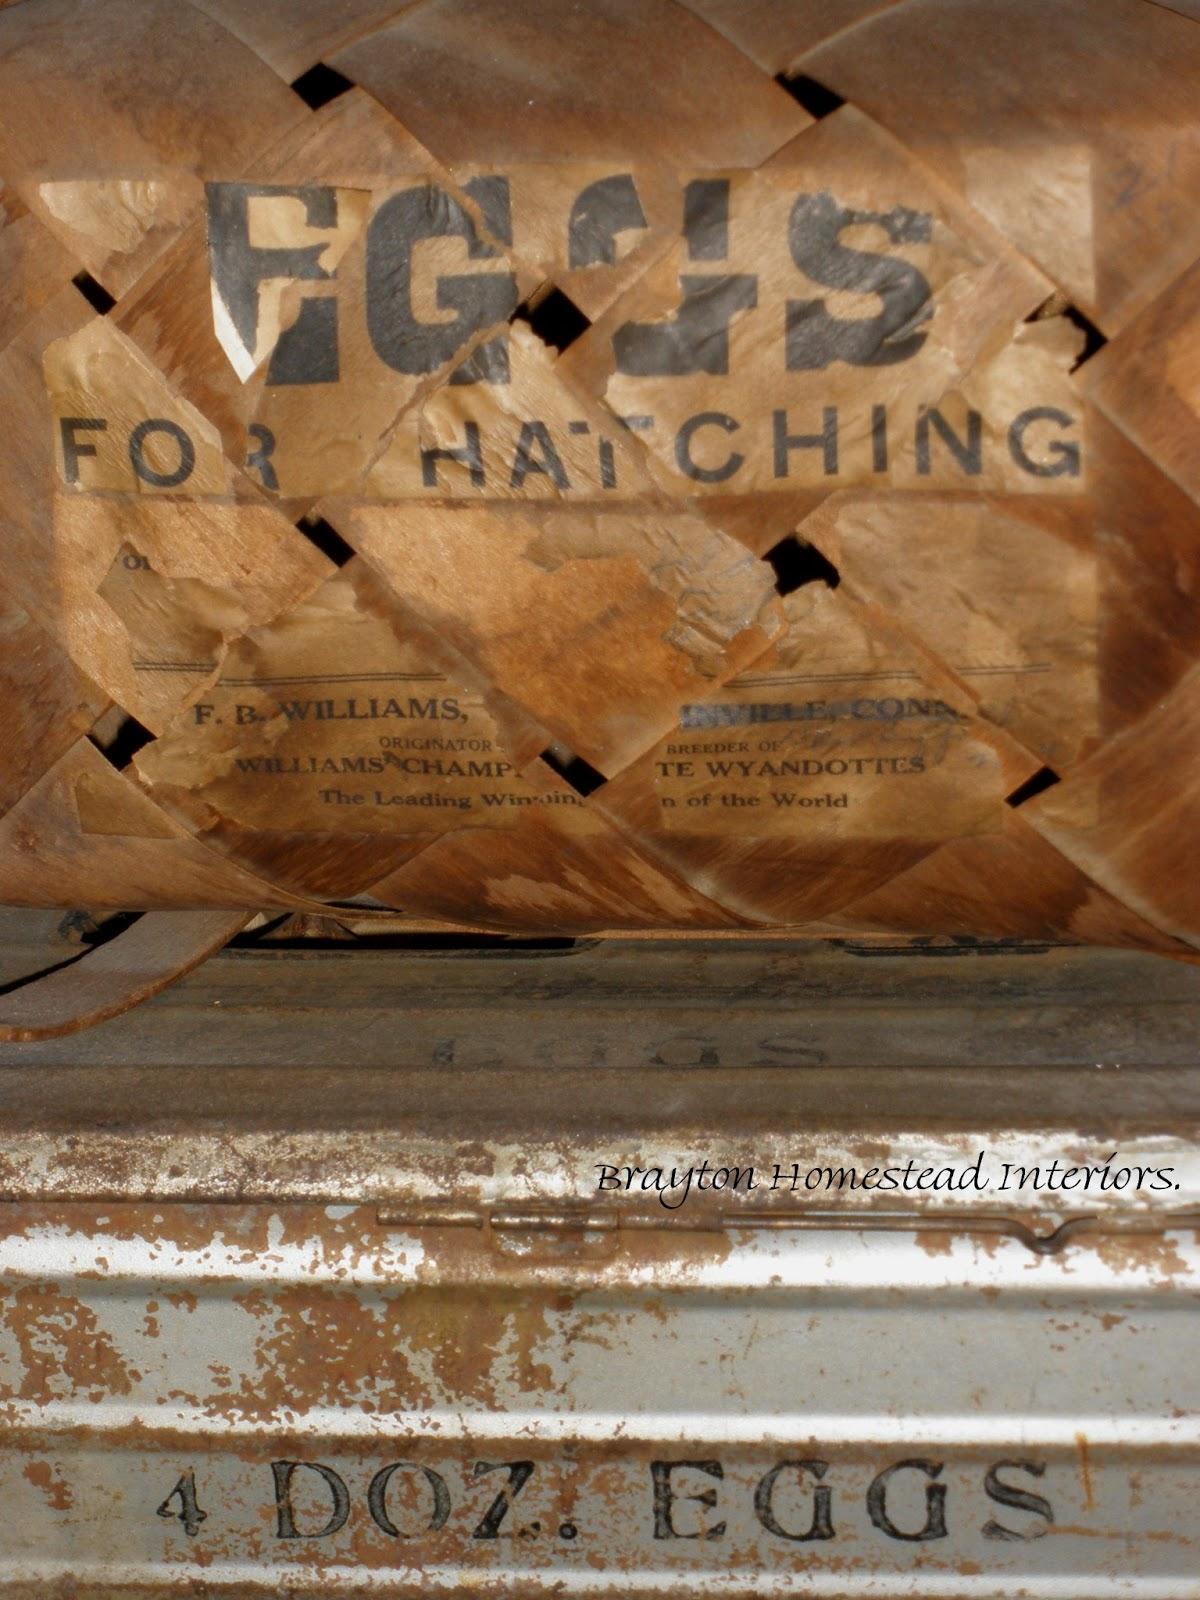 http://4.bp.blogspot.com/-hlxm_-eqxh4/URI5Nyn3l7I/AAAAAAAAHOA/QEpPpYvs7U4/s1600/egg+basket+brayton+2.jpg